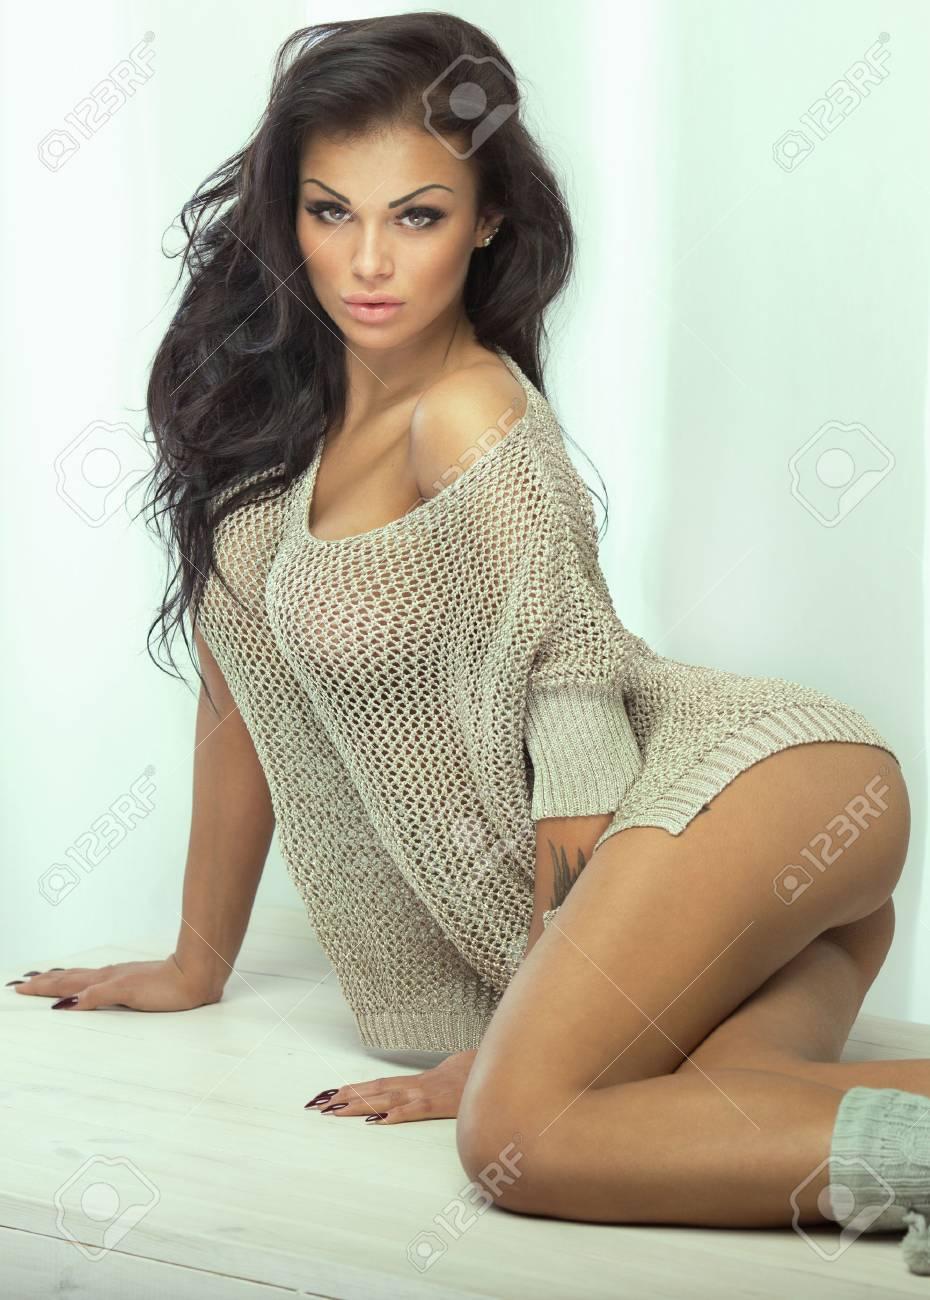 baisée jusqu'à anal porno